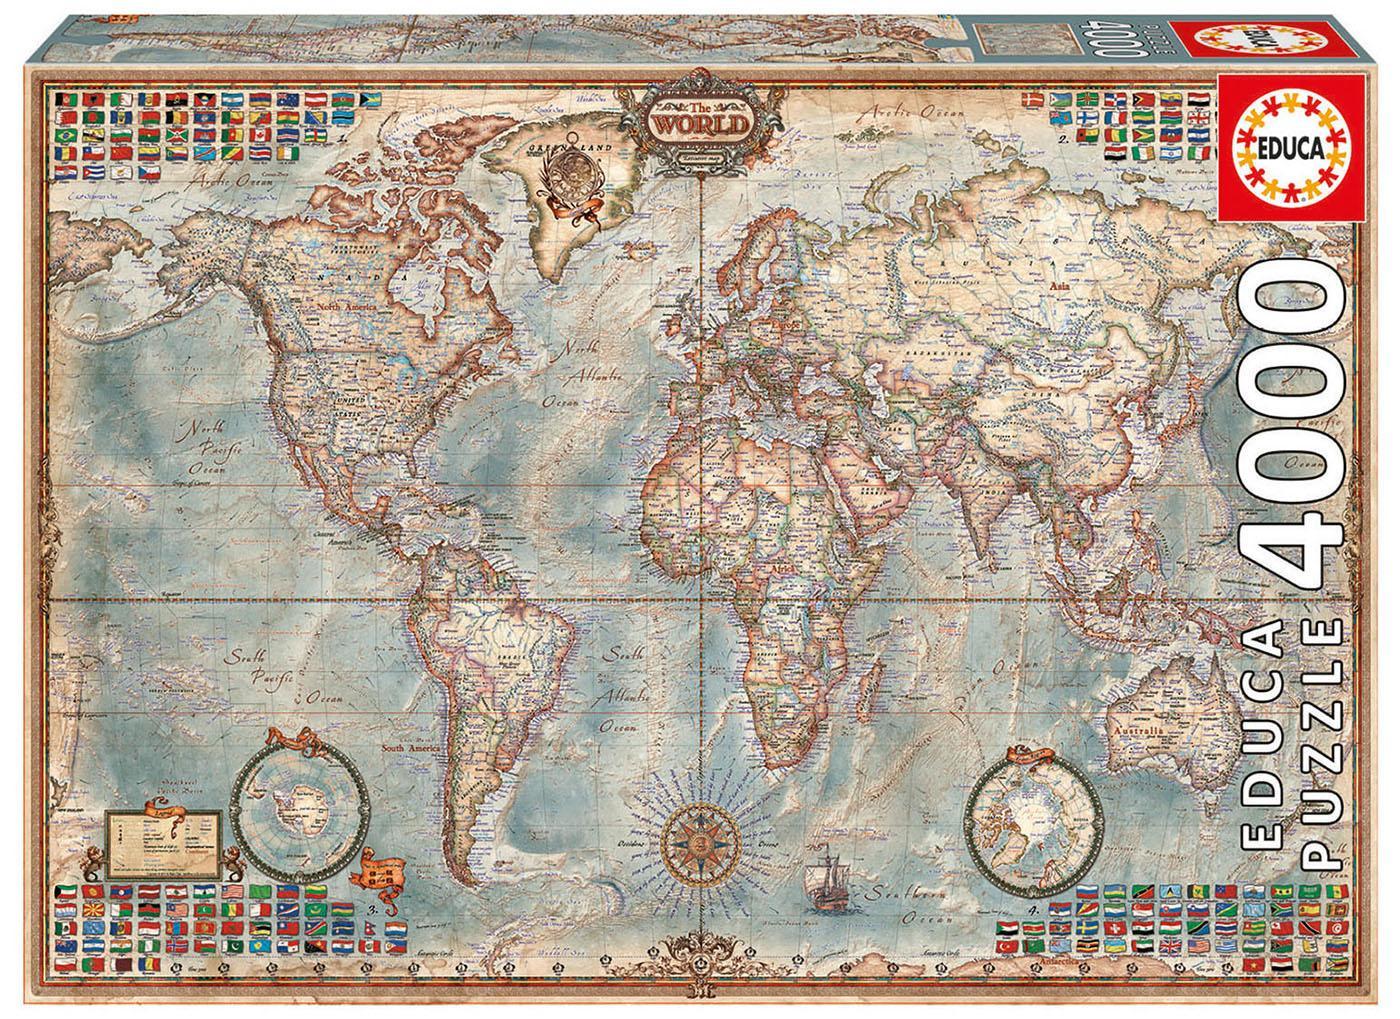 Educa Borras - Genuine Puzzles, Puzzle 4.000 piezas, El mundo, mapa político (14827): Amazon.es: Juguetes y juegos